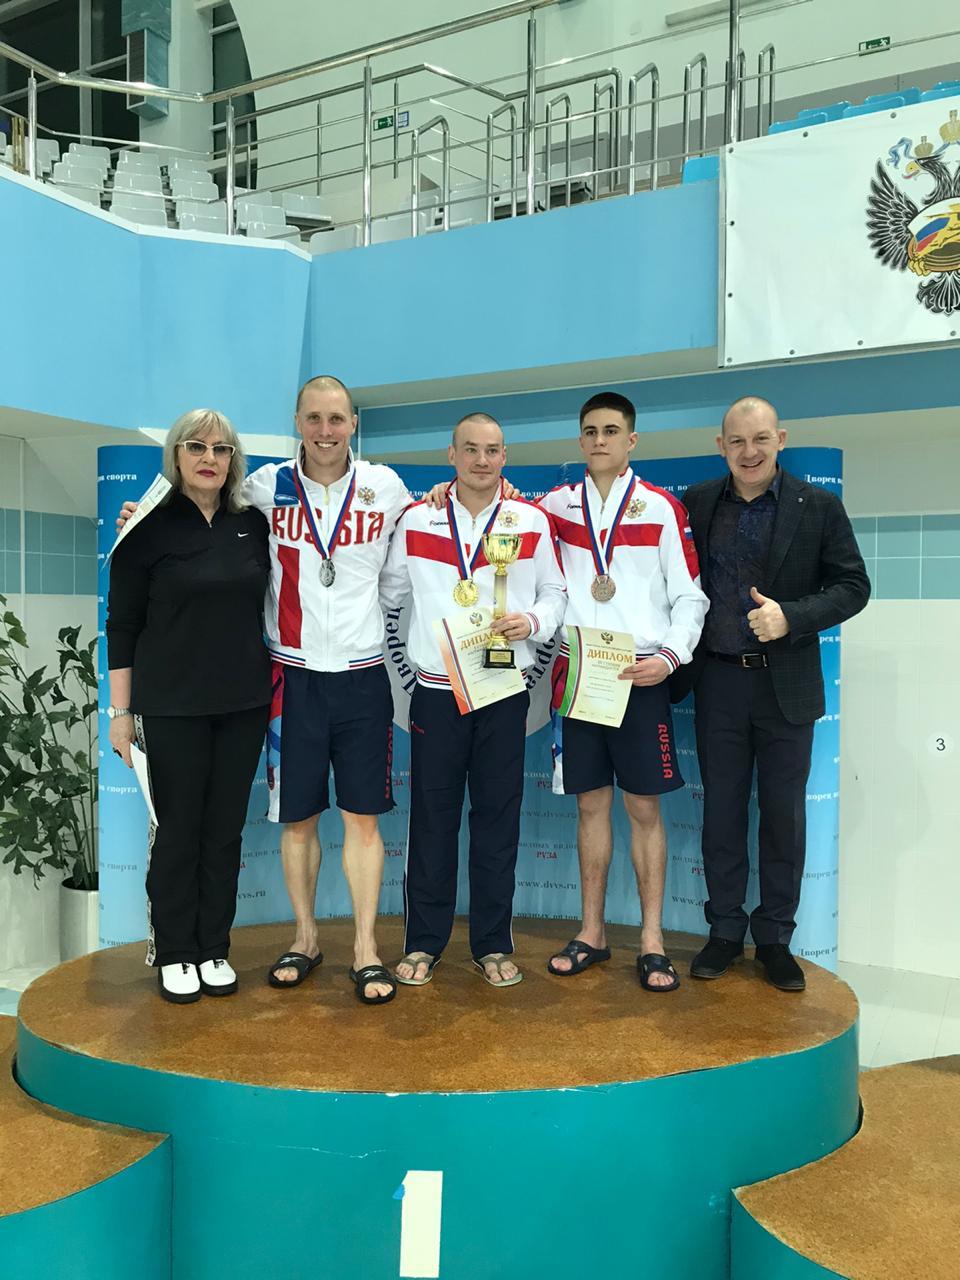 Евгений Новосёлов также завоевал серебро в индивидуальном зачёте